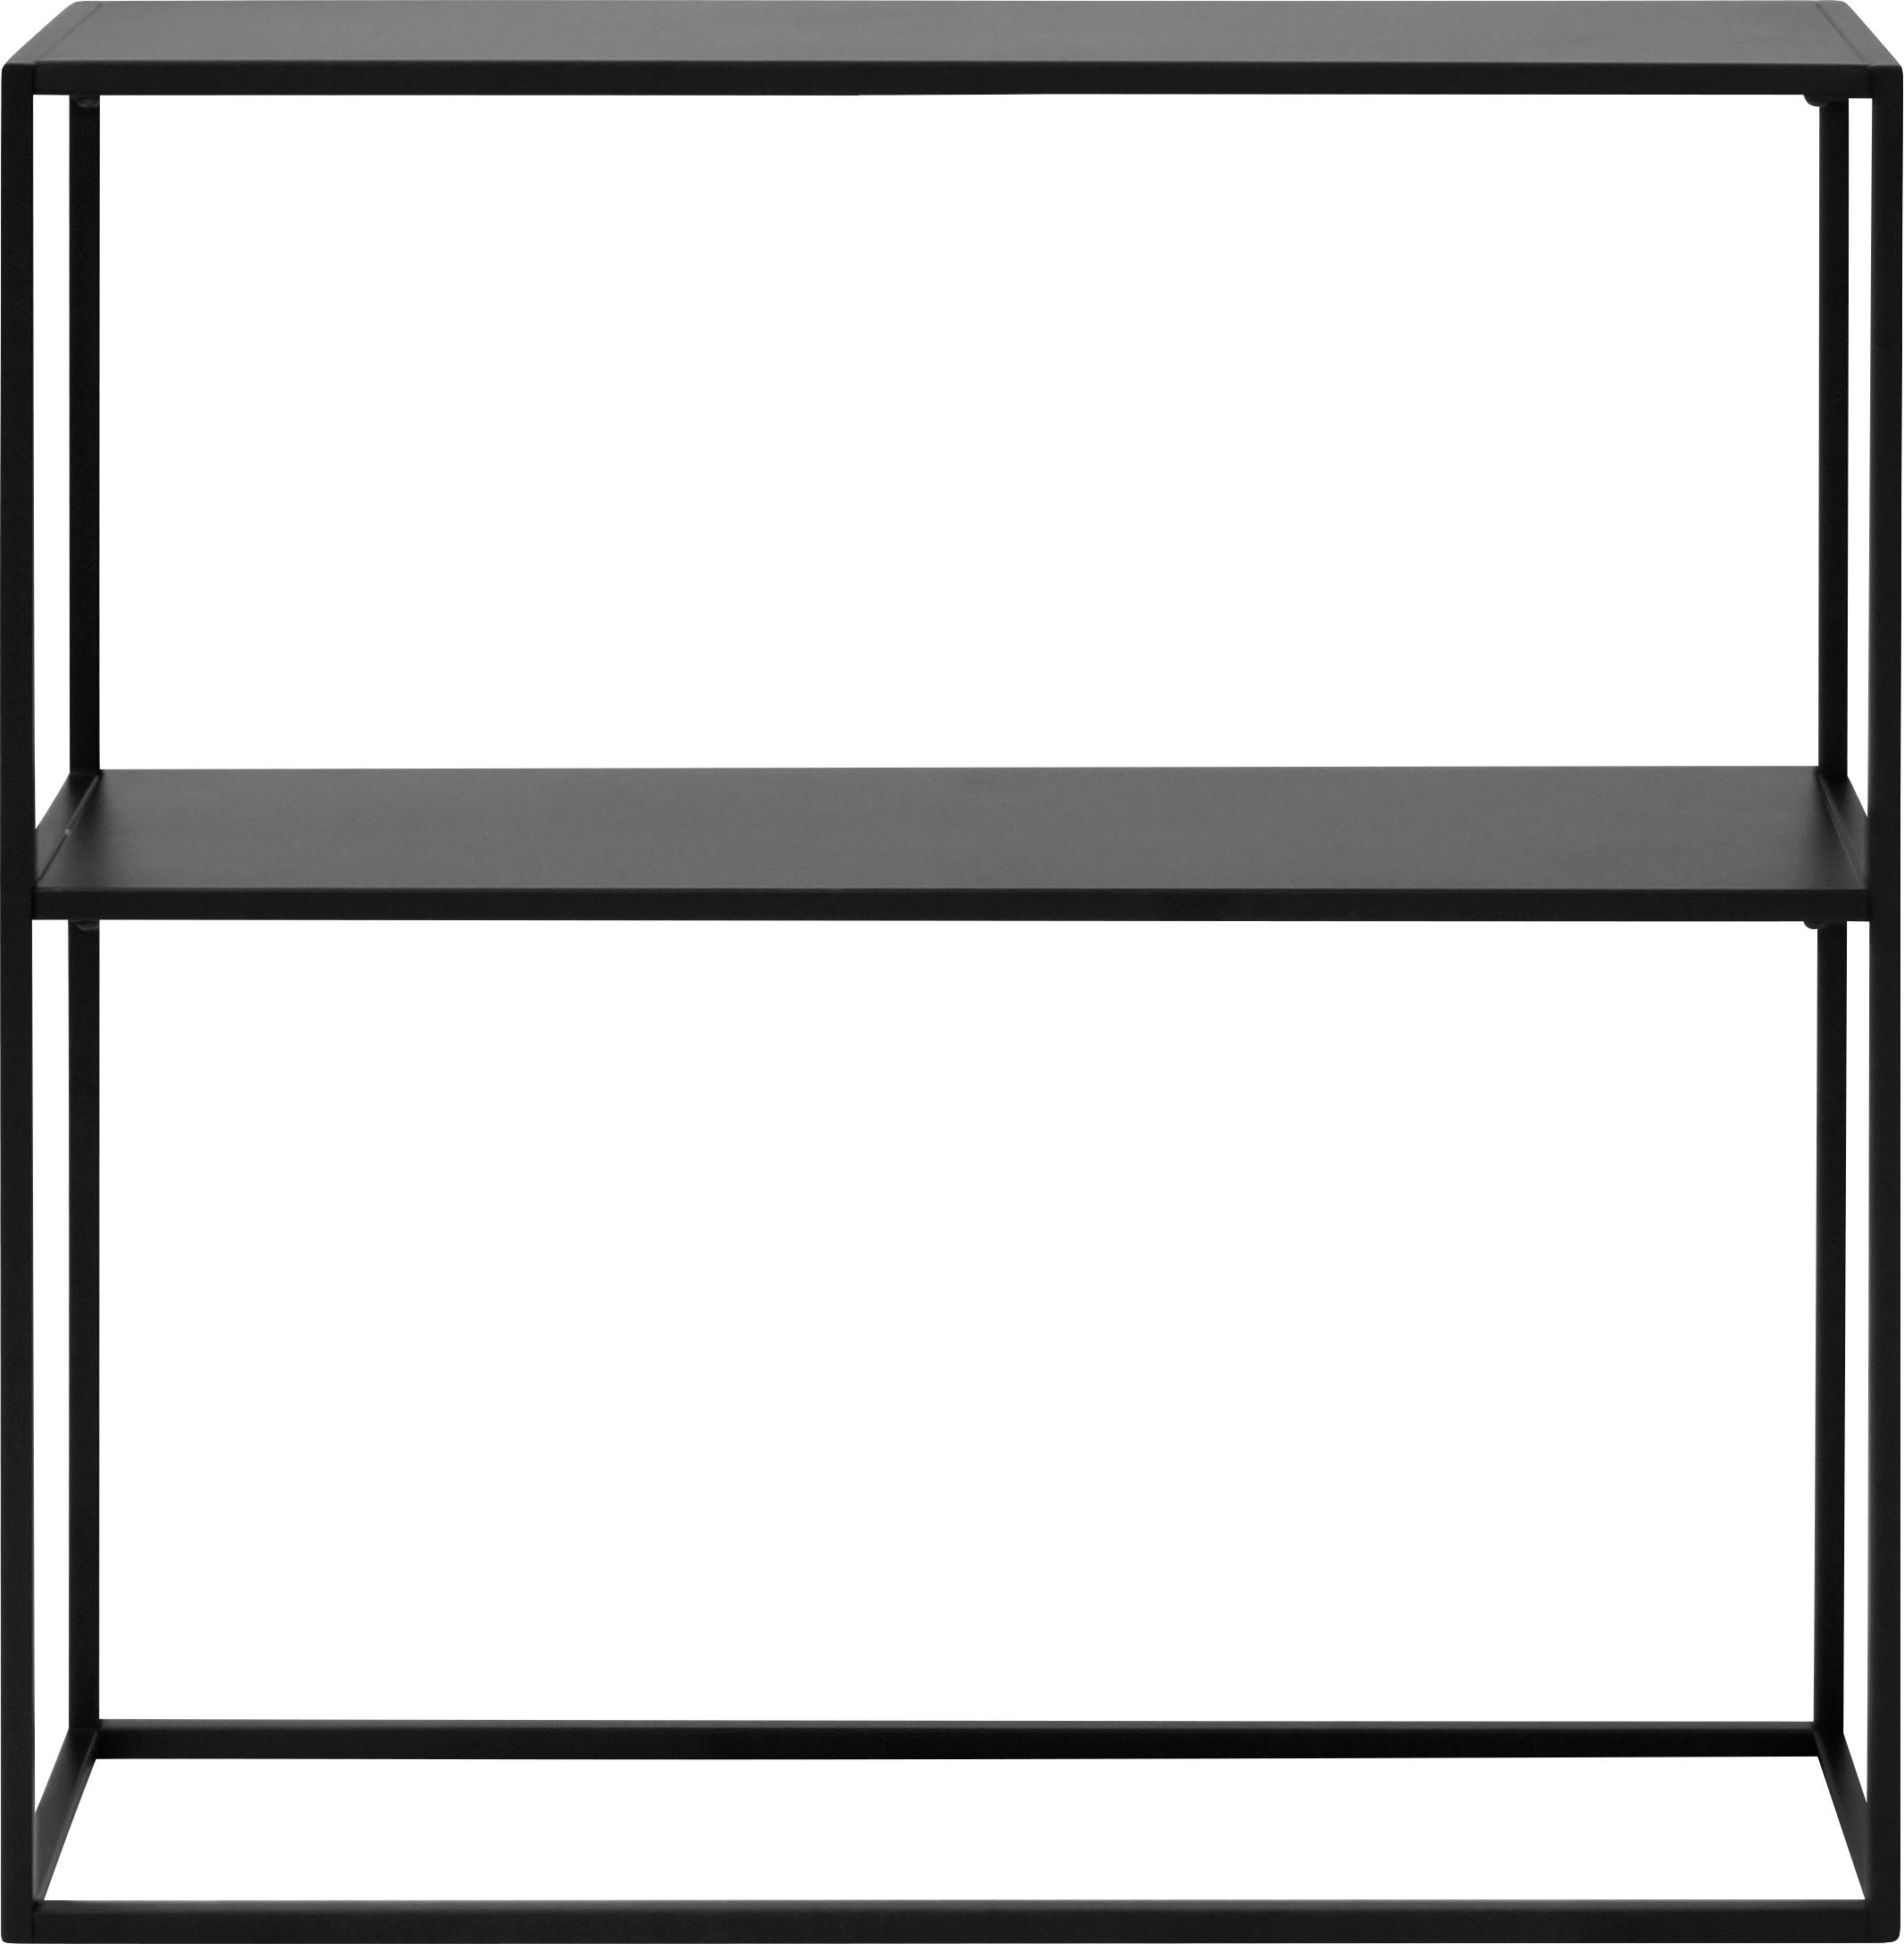 Metall-Regal Newton in Schwarz, Metall, pulverbeschichtet, Schwarz, 80 x 80 cm